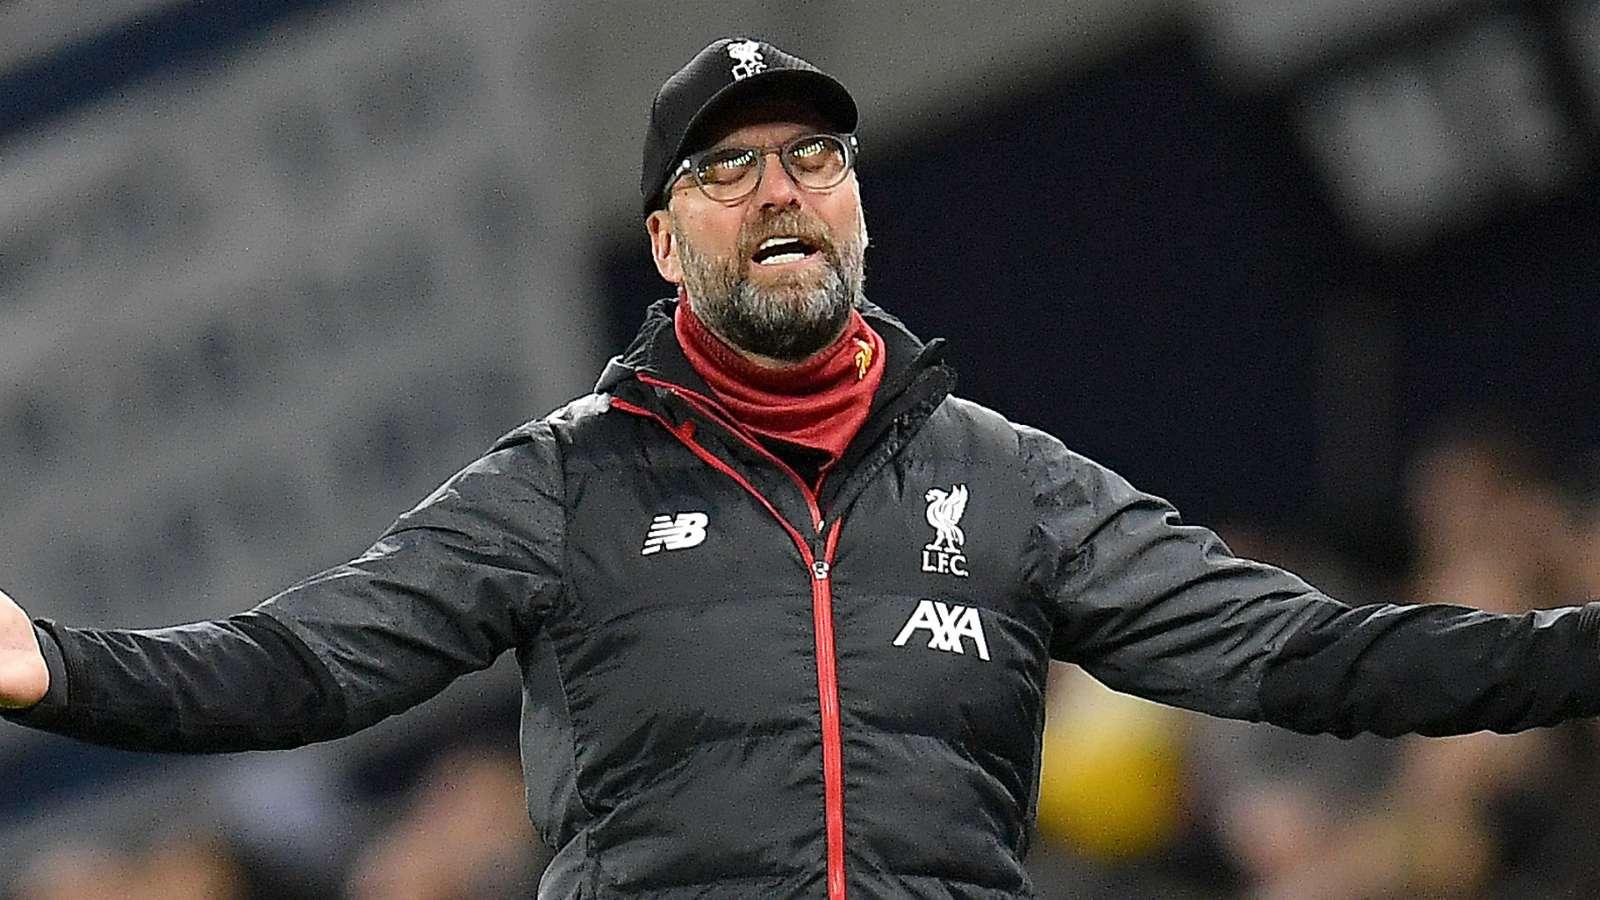 Bruno Fernandes và 2 điểm đáng chú ý ở trận Liverpool - Man Utd - Bóng Đá